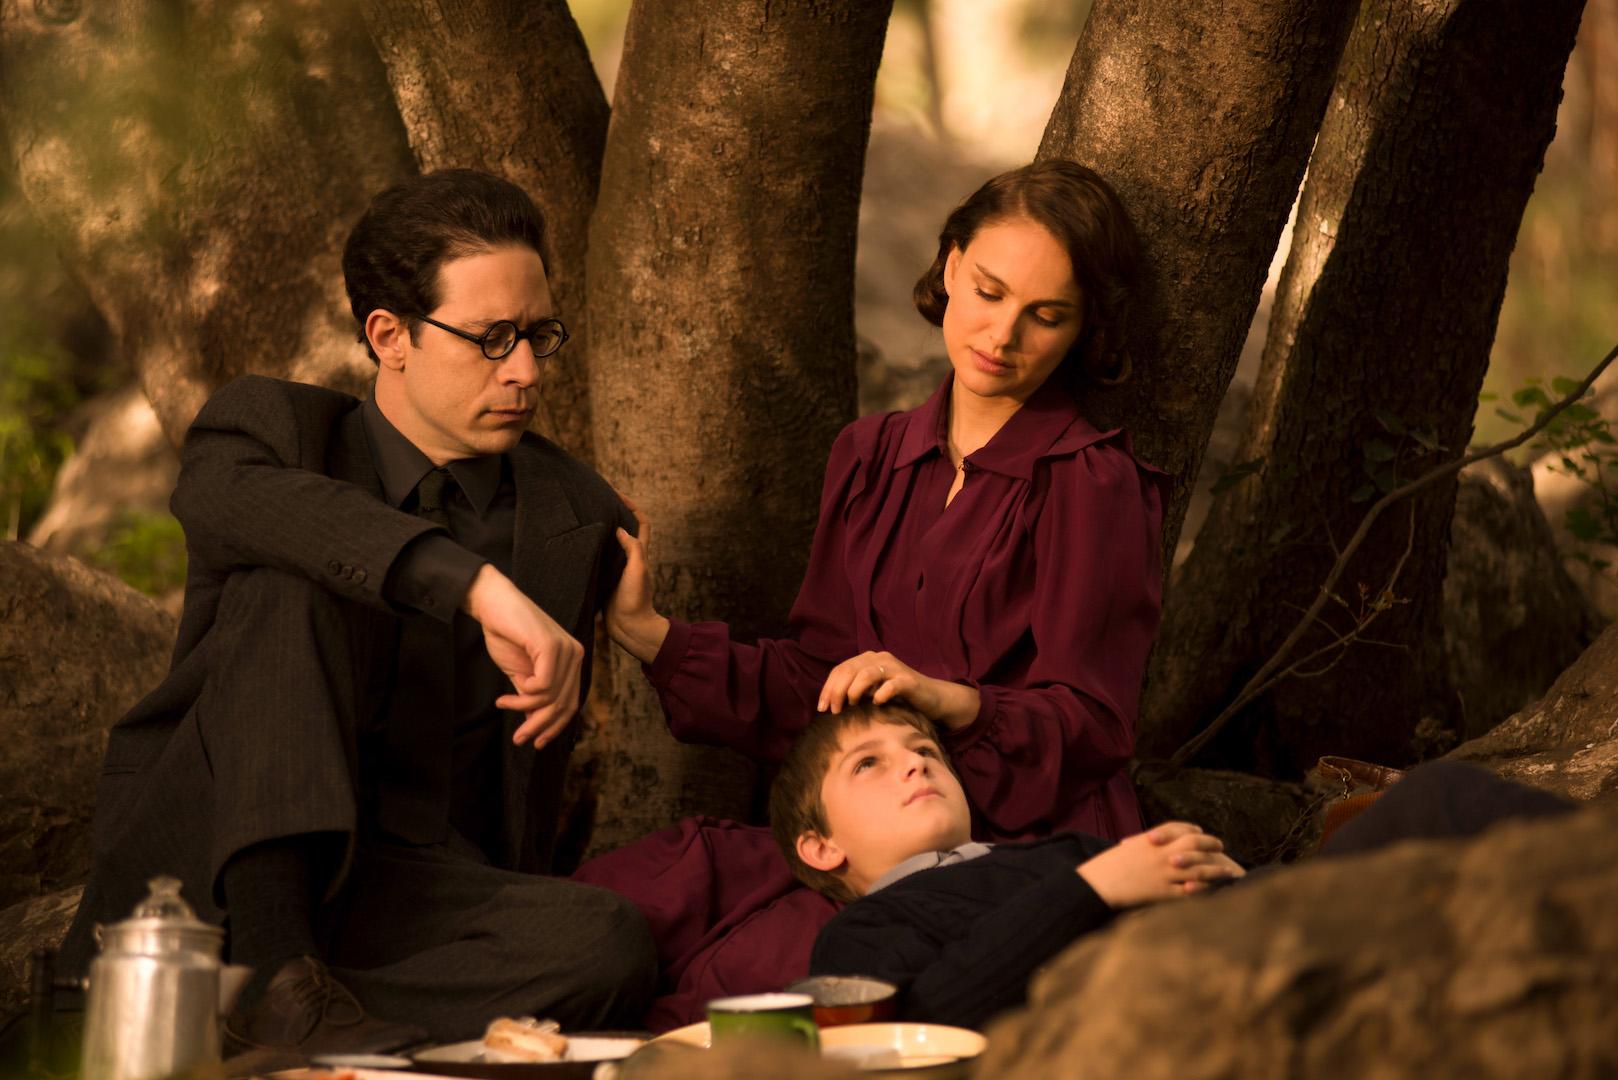 Sognare è vivere con Natalie Portman, foto